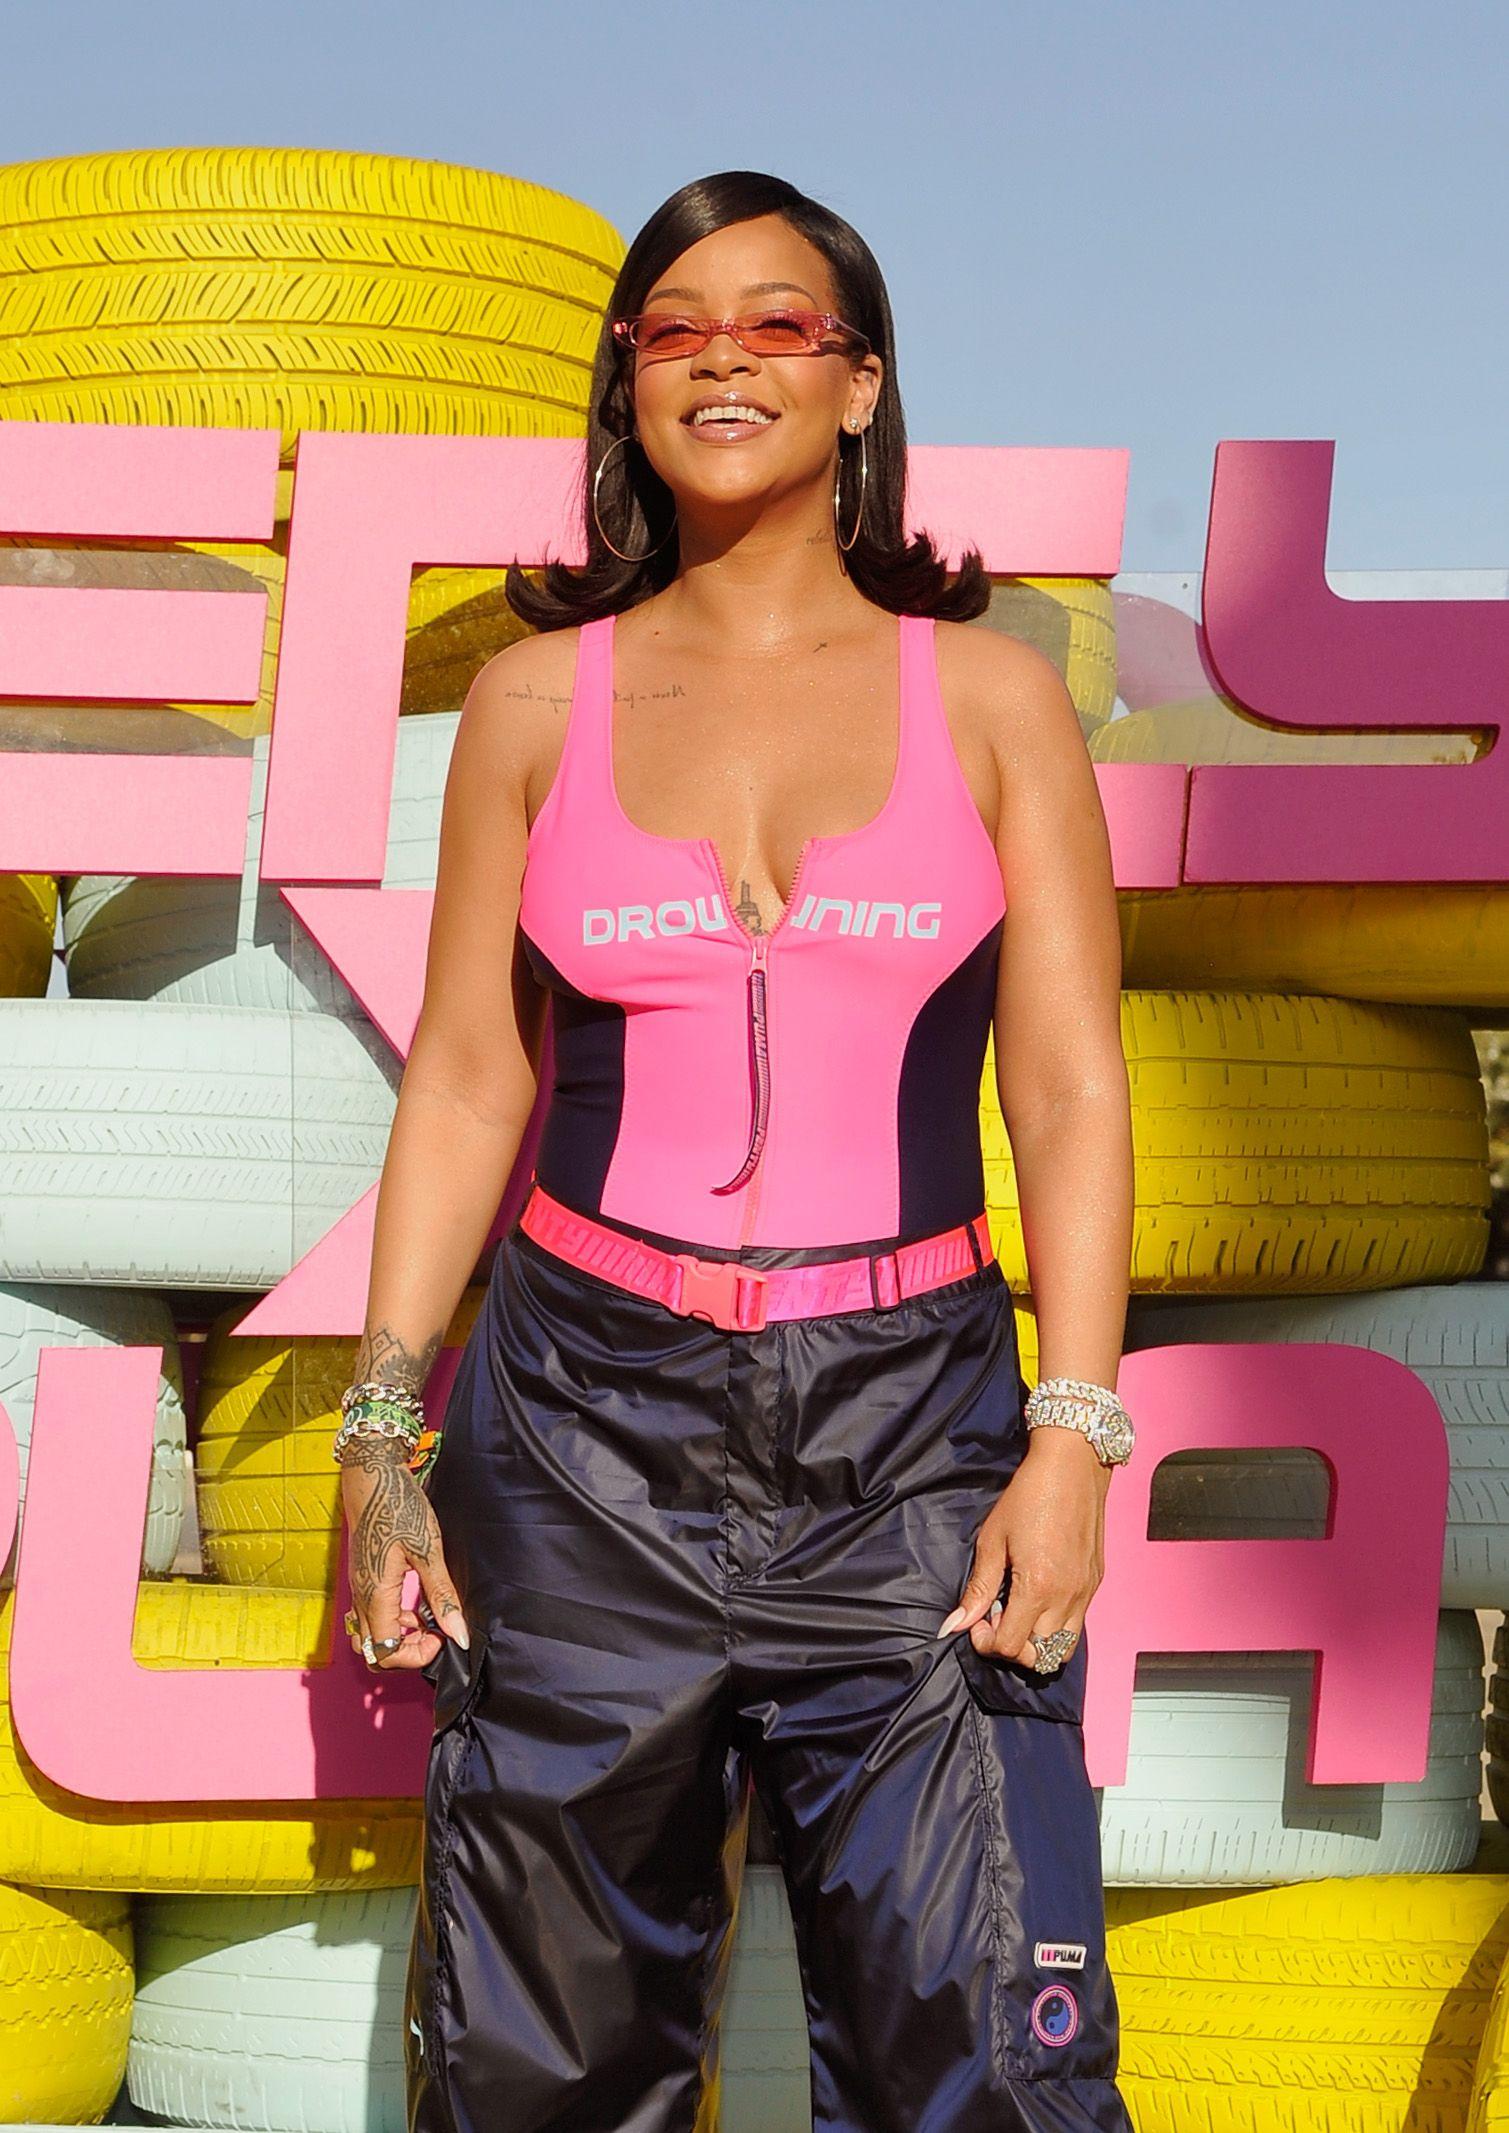 Il look di Rihanna al Coachella aveva laccessorio da drink definitivo per tutte